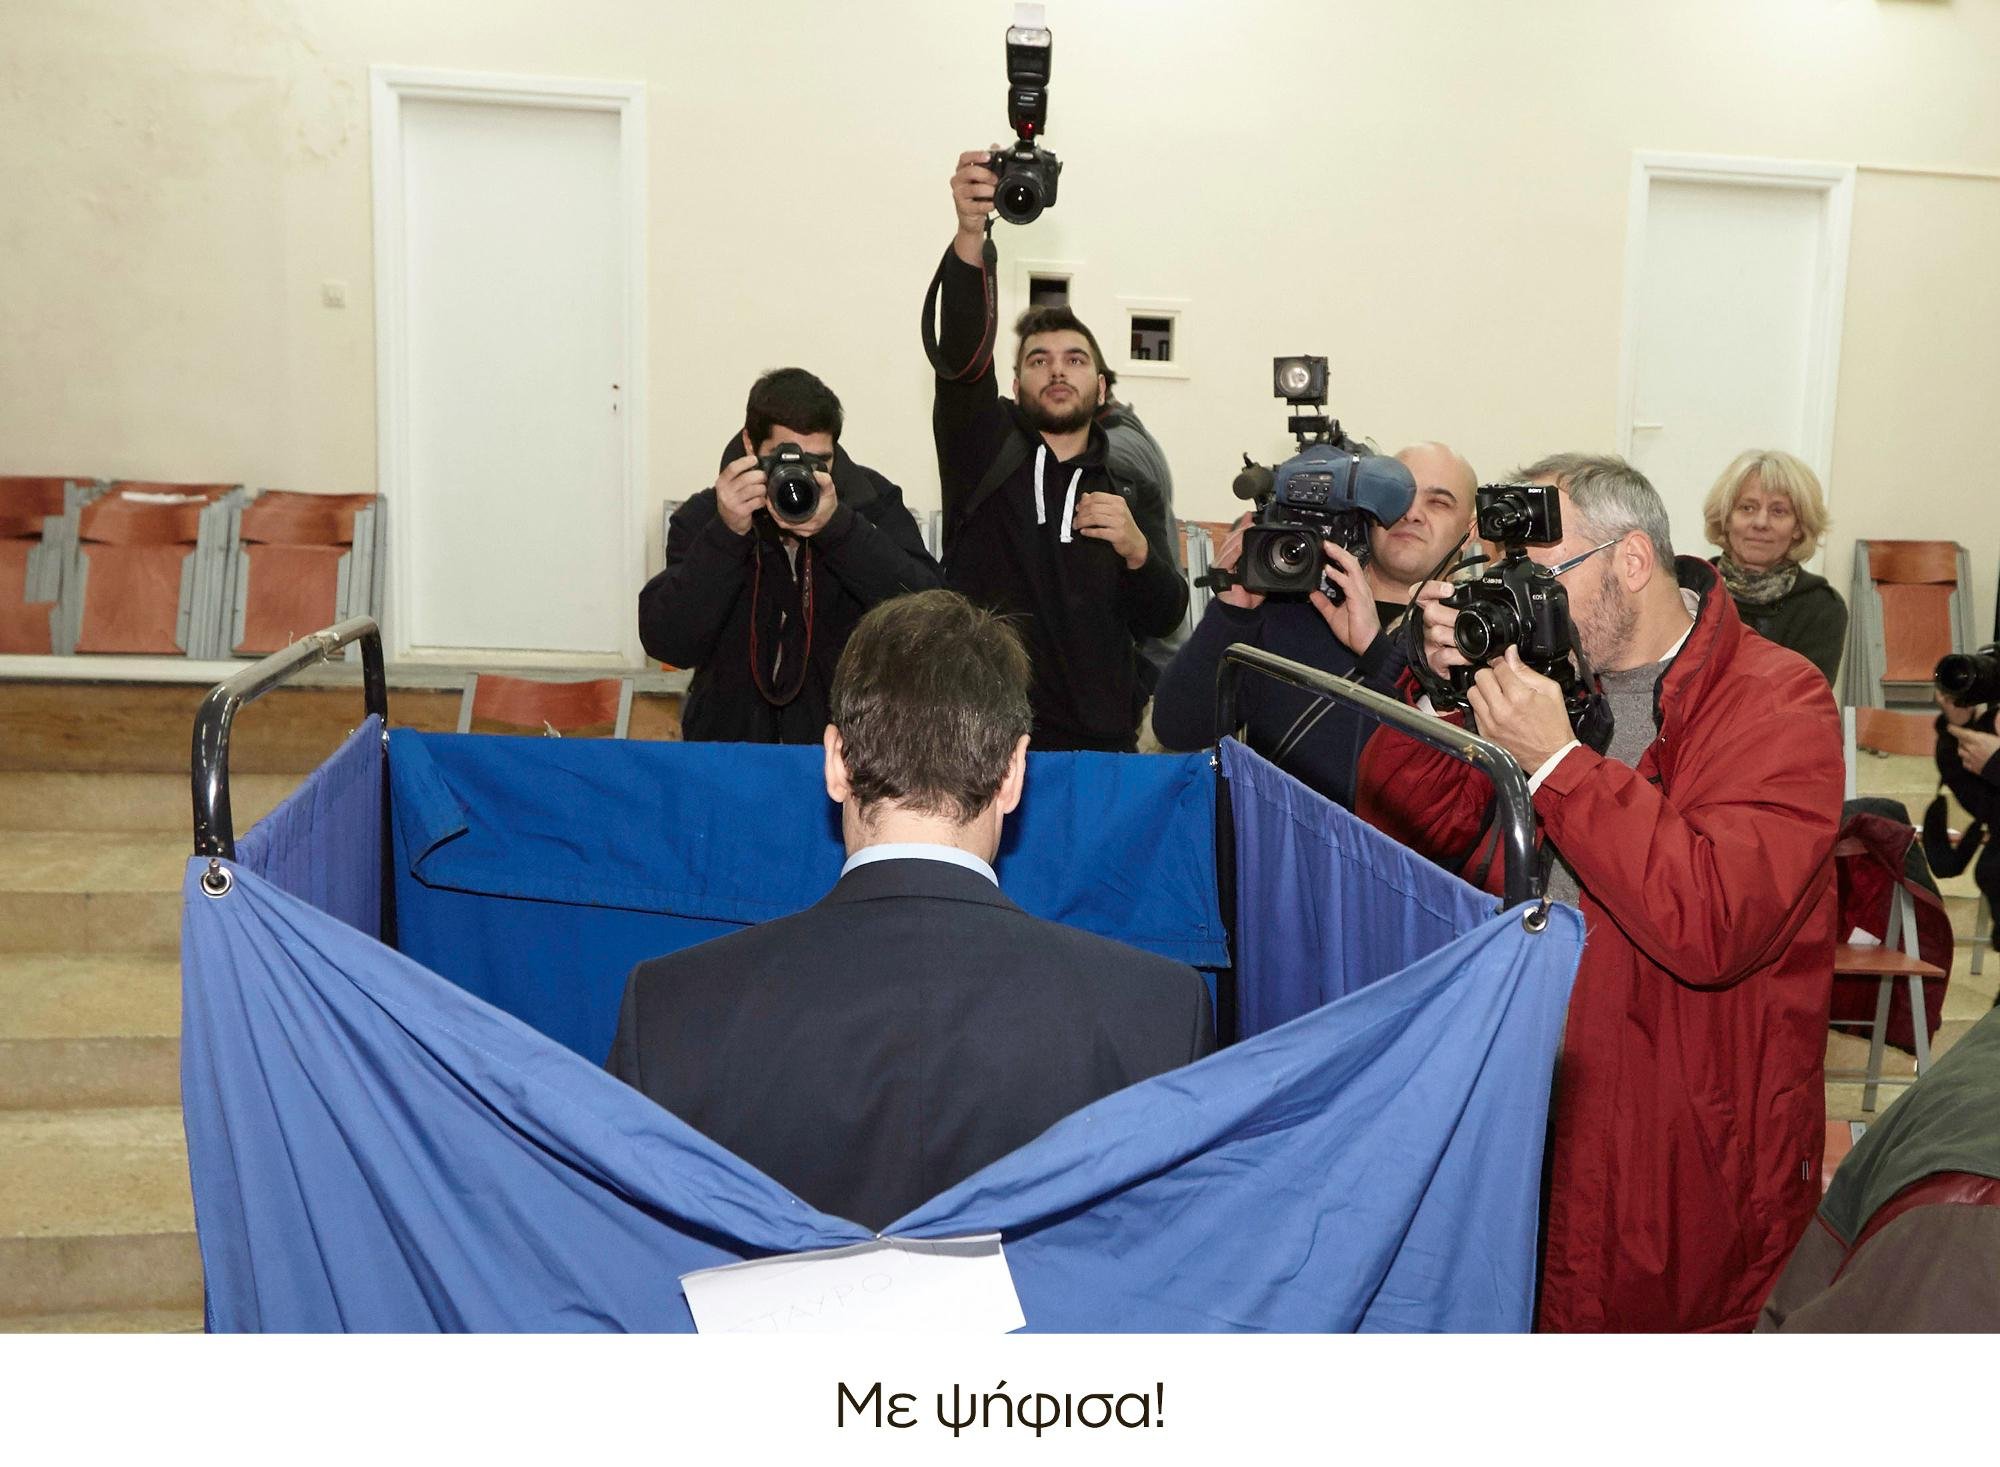 mitsotakis-1xronos-1300 «Backstage» φωτογραφίες του Κυριάκου Μητσοτάκη από τις πρώτες 365 ημέρες στην προεδρία της ΝΔ